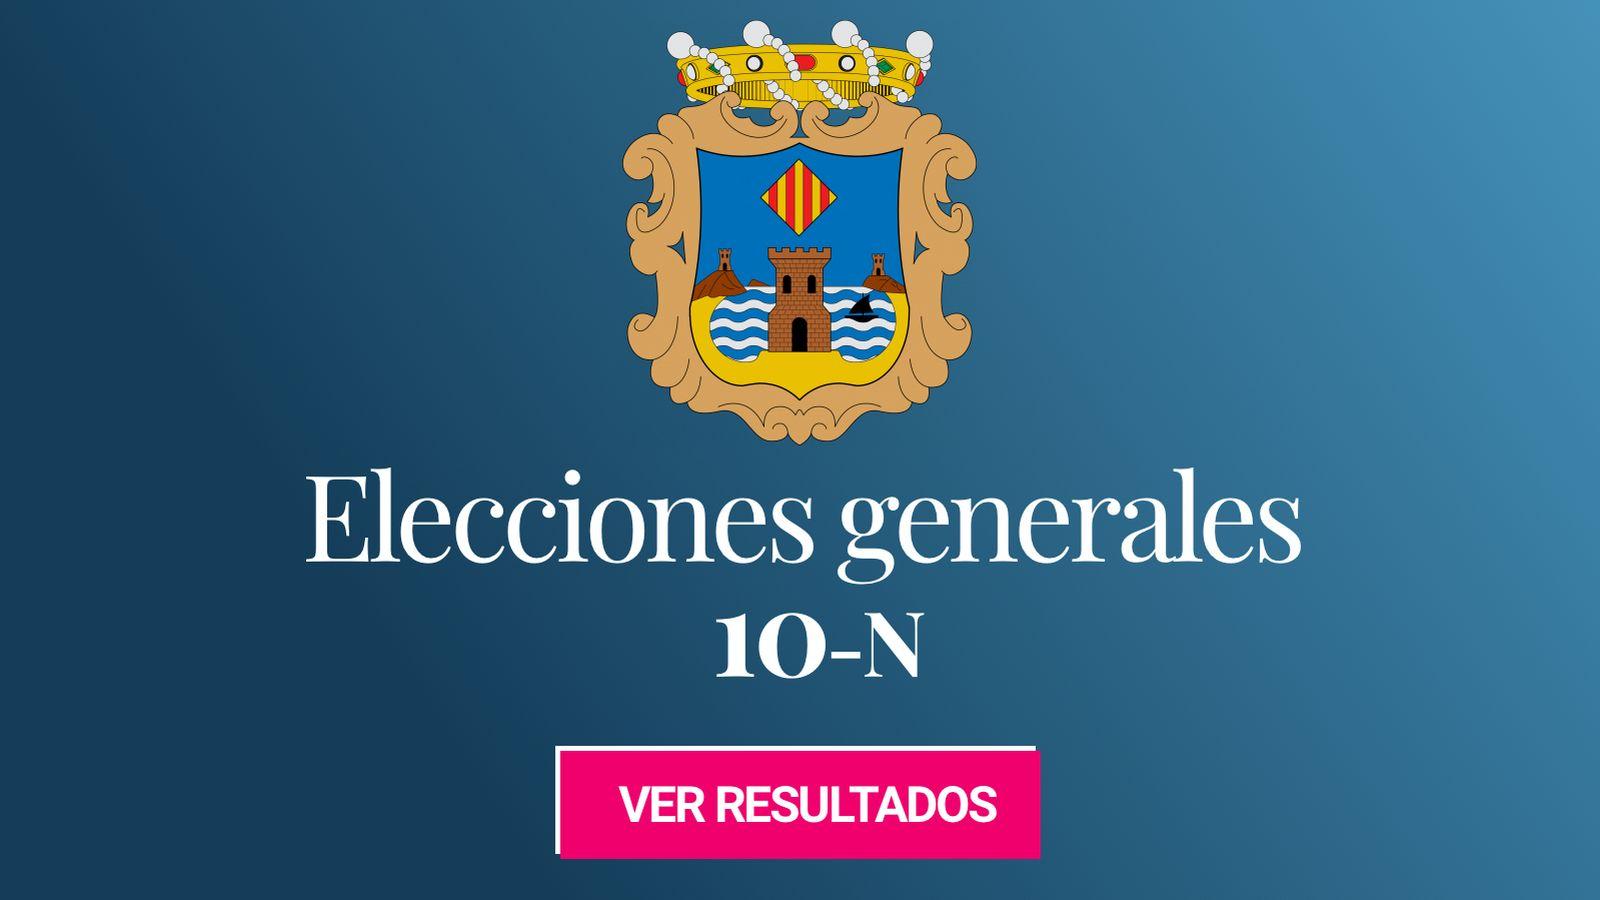 Foto: Elecciones generales 2019 en Benidorm. (C.C./EC)